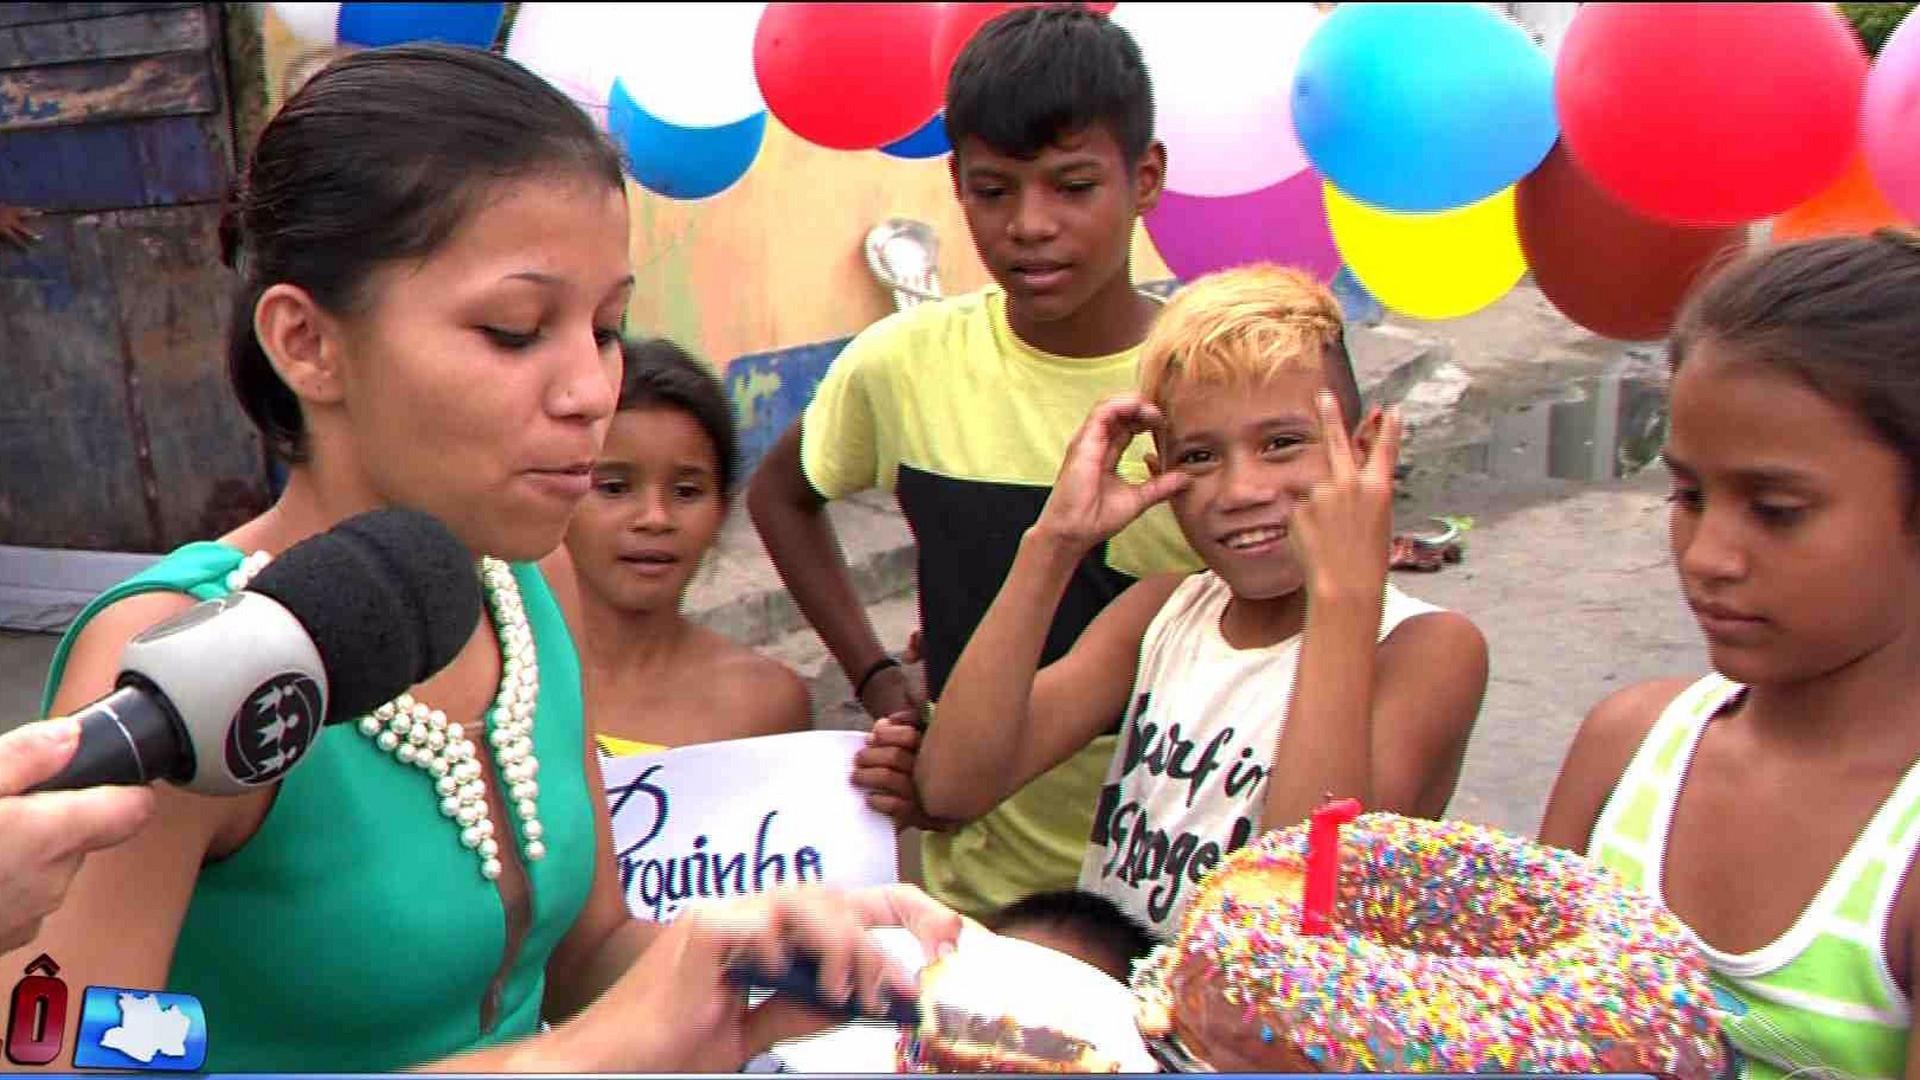 MORADORES FAZEM FESTA DE ANIVERSÁRIO NA RUA PARAÍSO - Cidade Alerta Manaus - 08/12/17